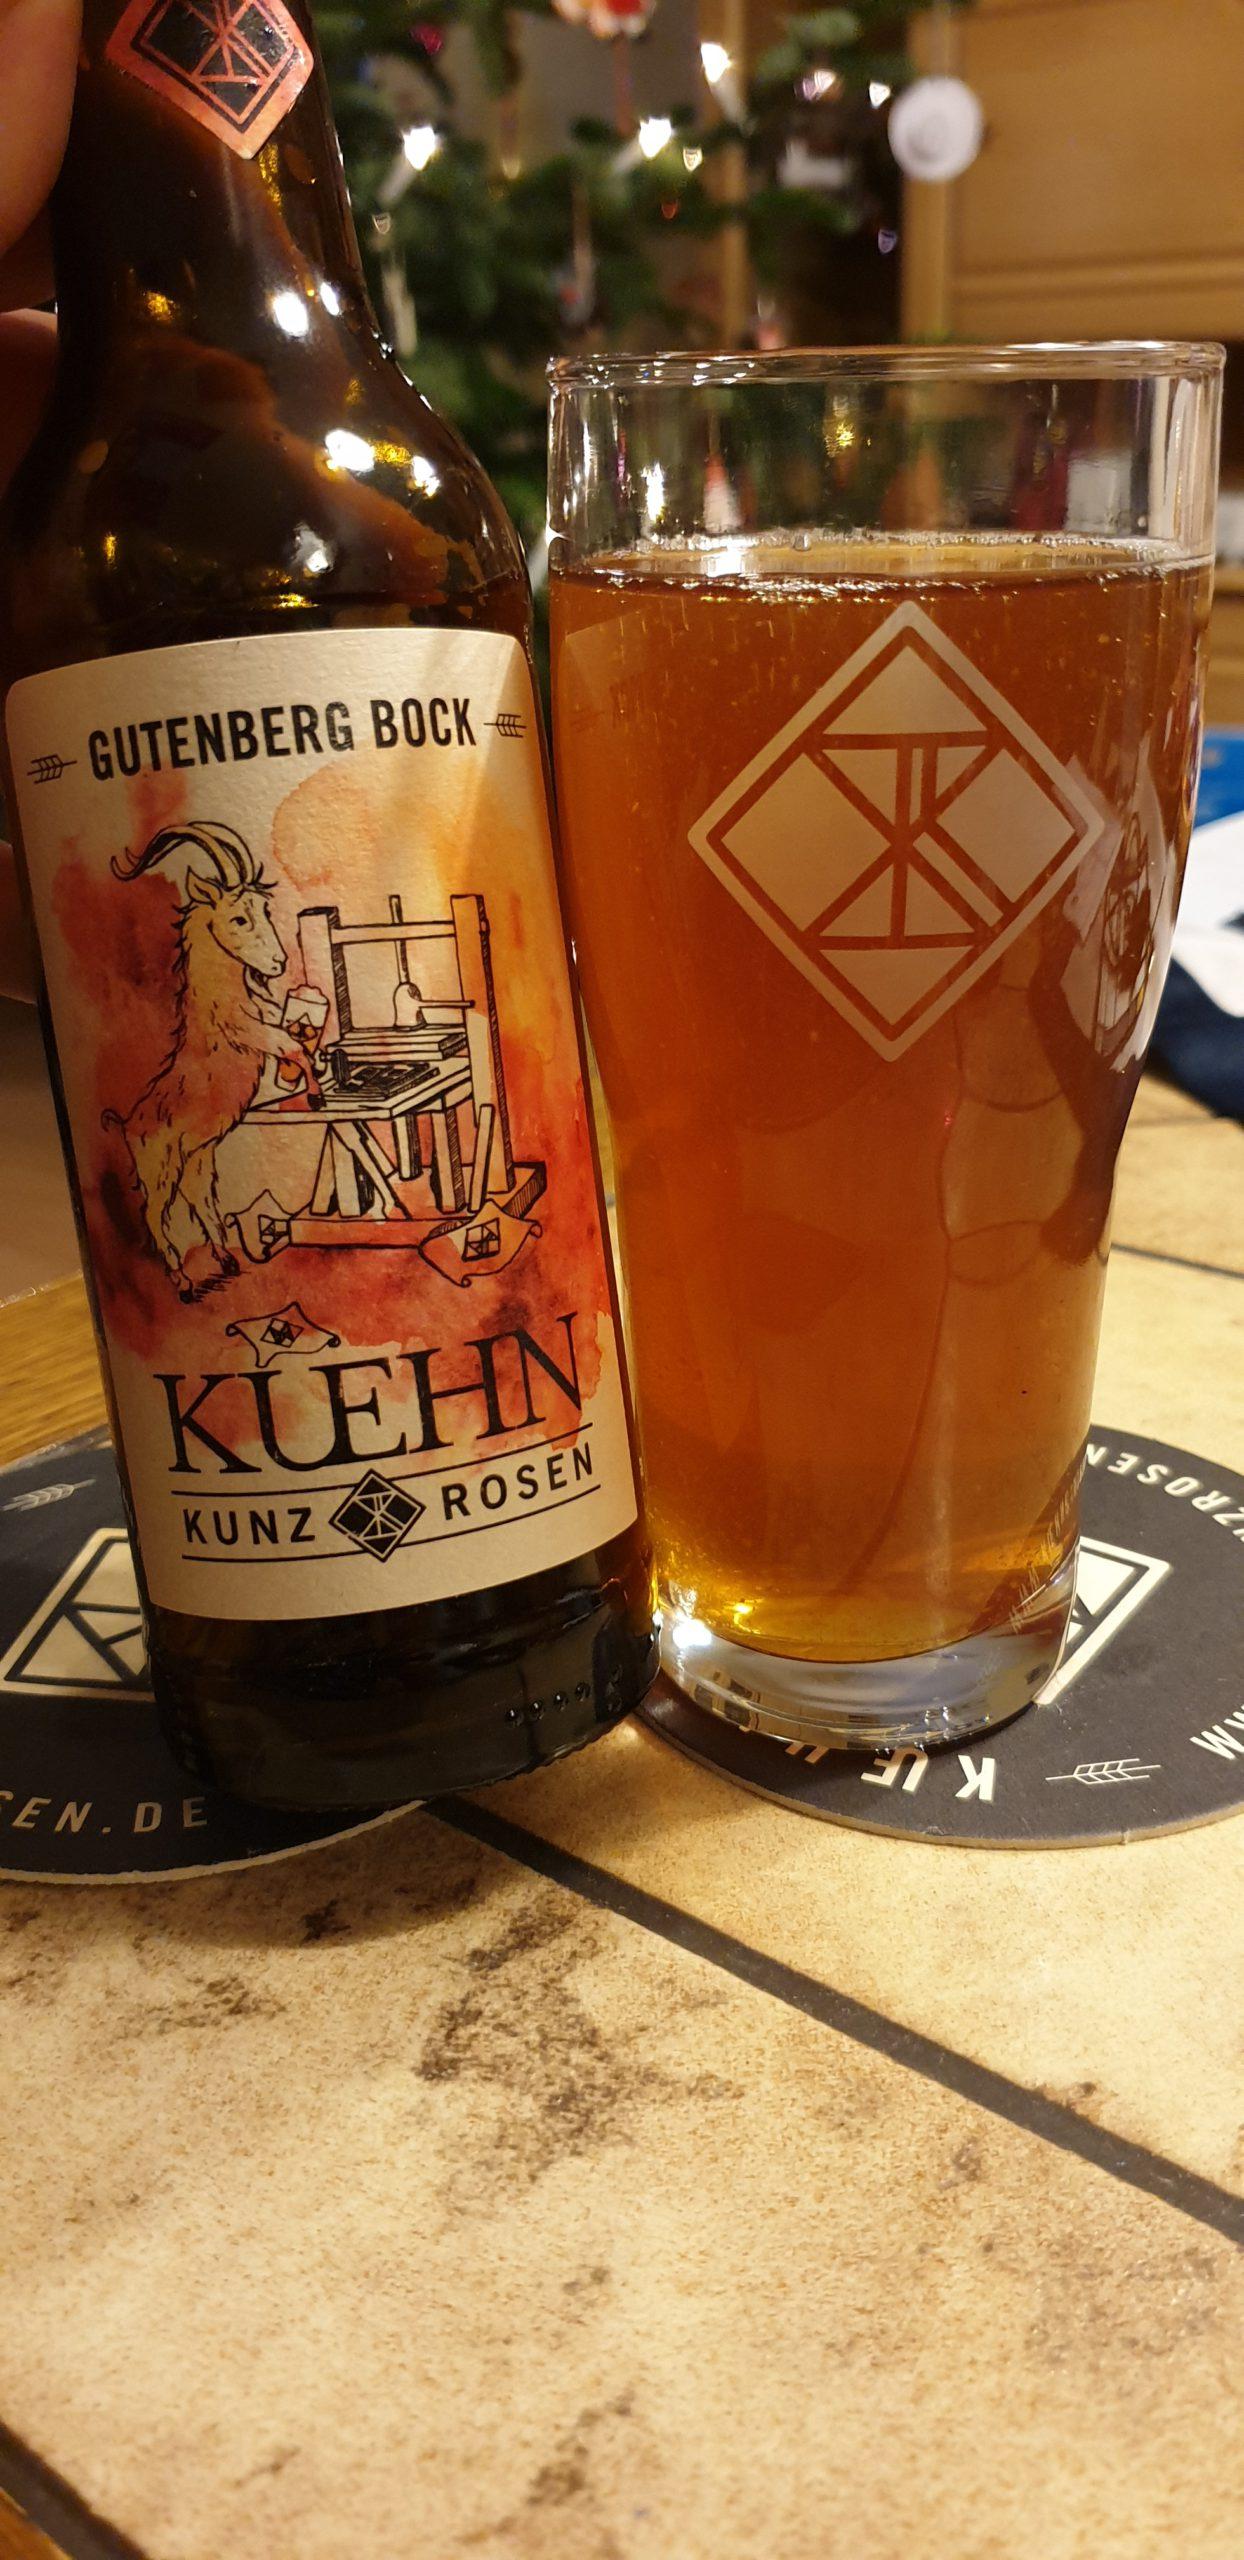 Kuehn Kunz Rosen – Gutenberg Bock